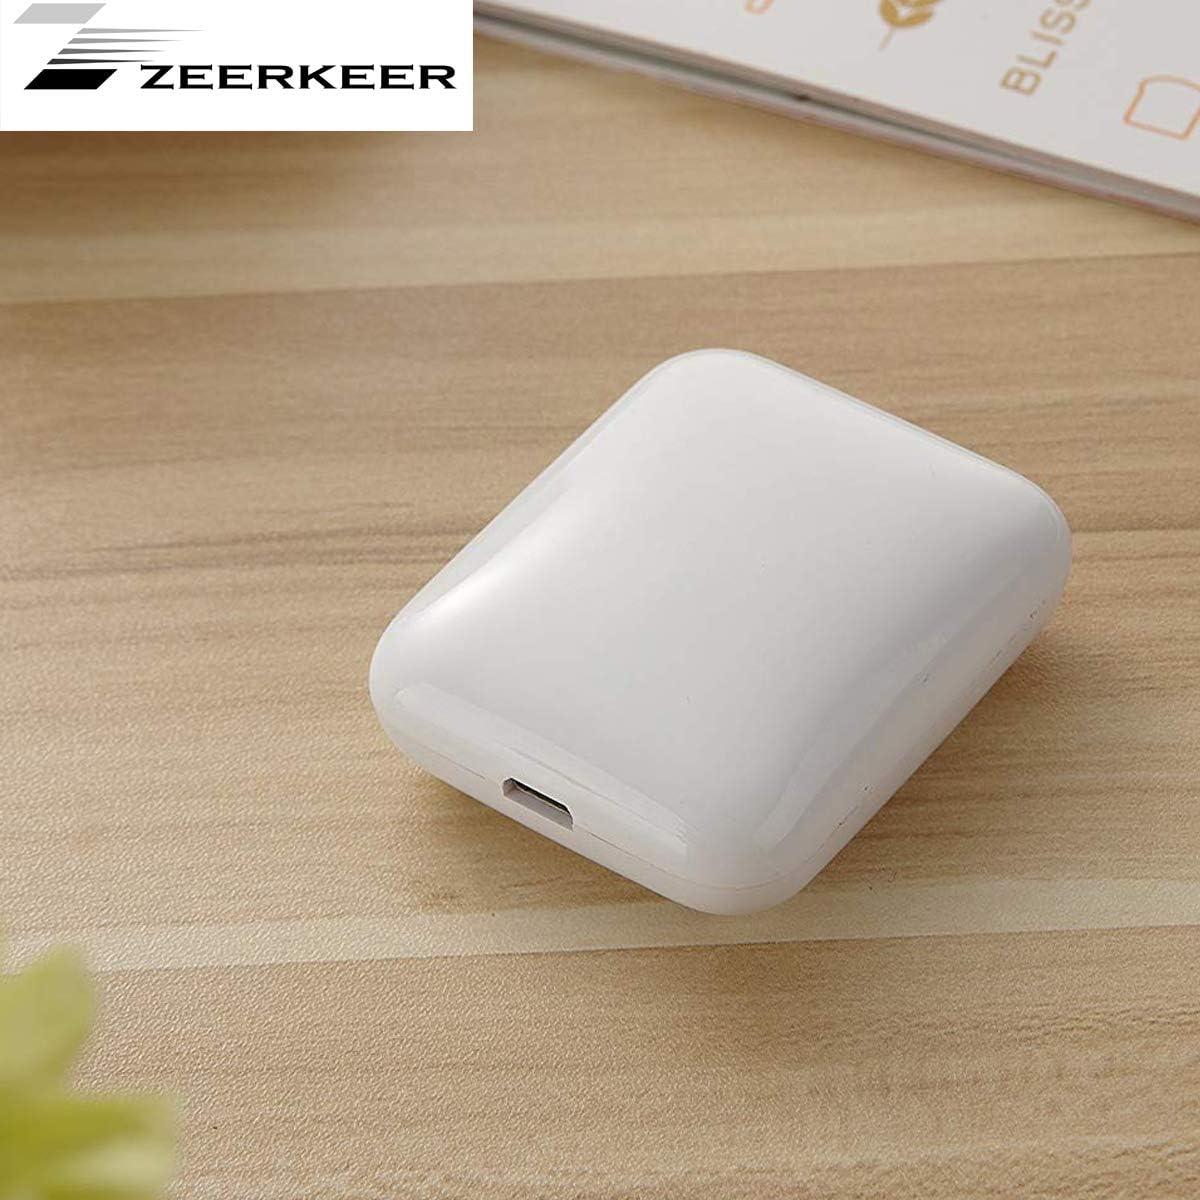 Purificador de aire port/átil Zeerkeer color blanco USB, ionizador de iones de litio recargable, cigarrillo extra/íble, bacteria, smell inocuo